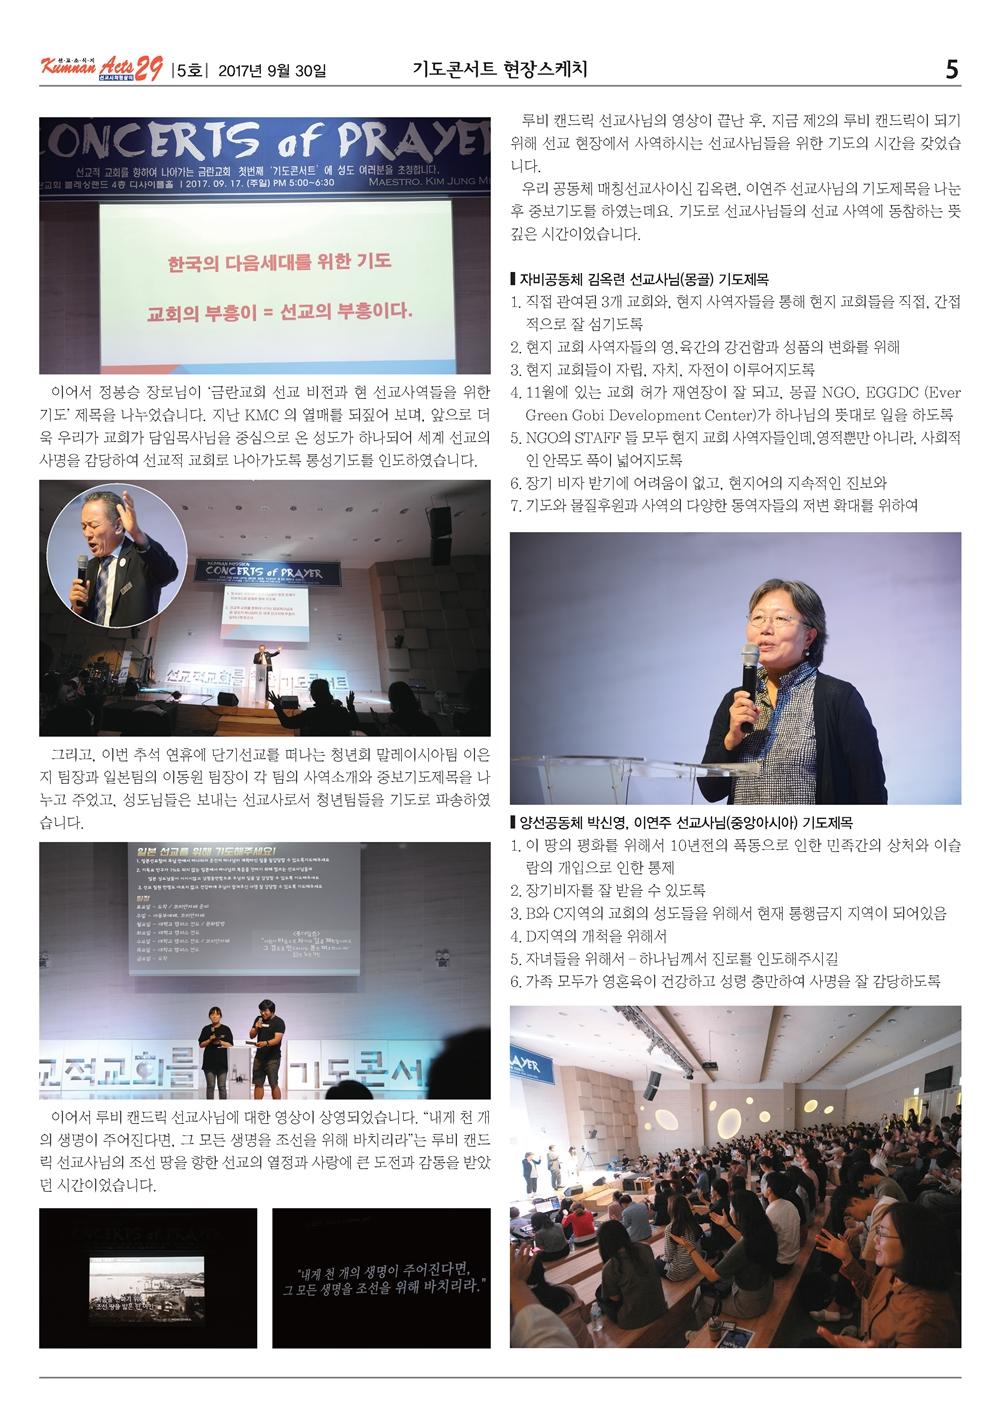 금란선교소식지 5호_Page_05.jpg